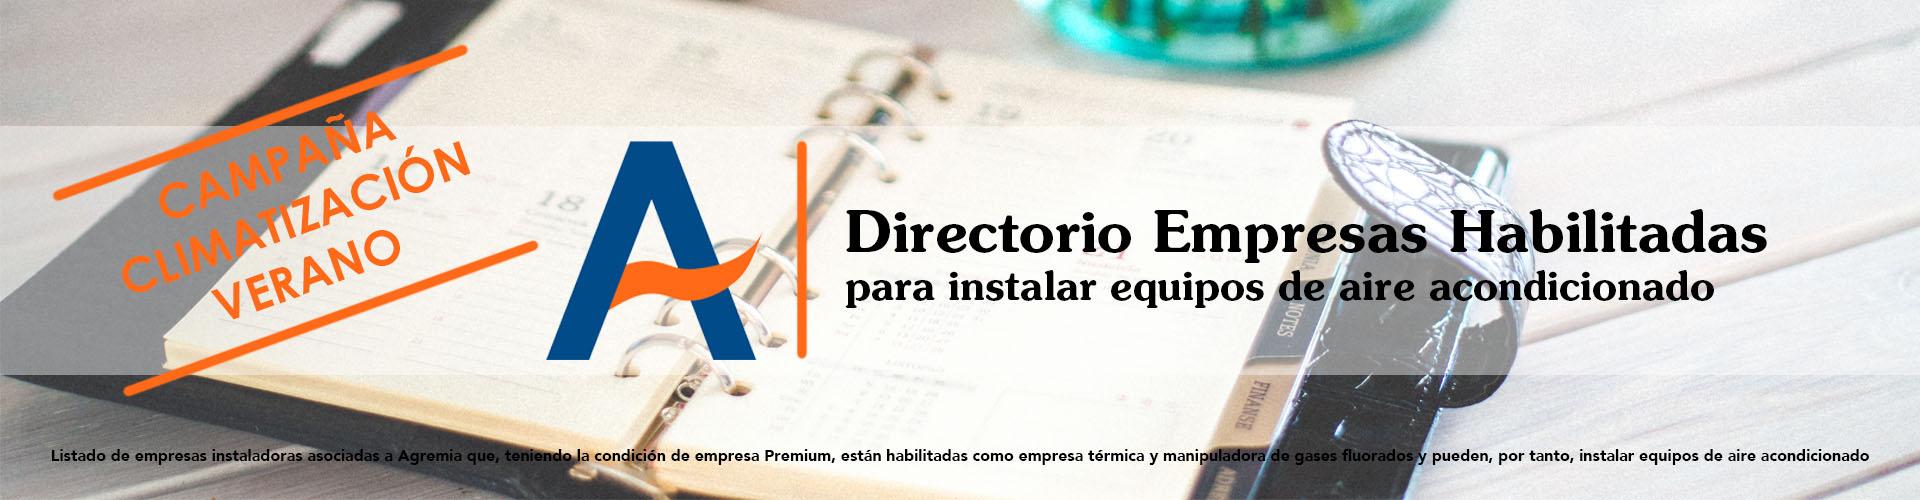 Directorio Empresas Habilitadas para instalar aire acondicionado